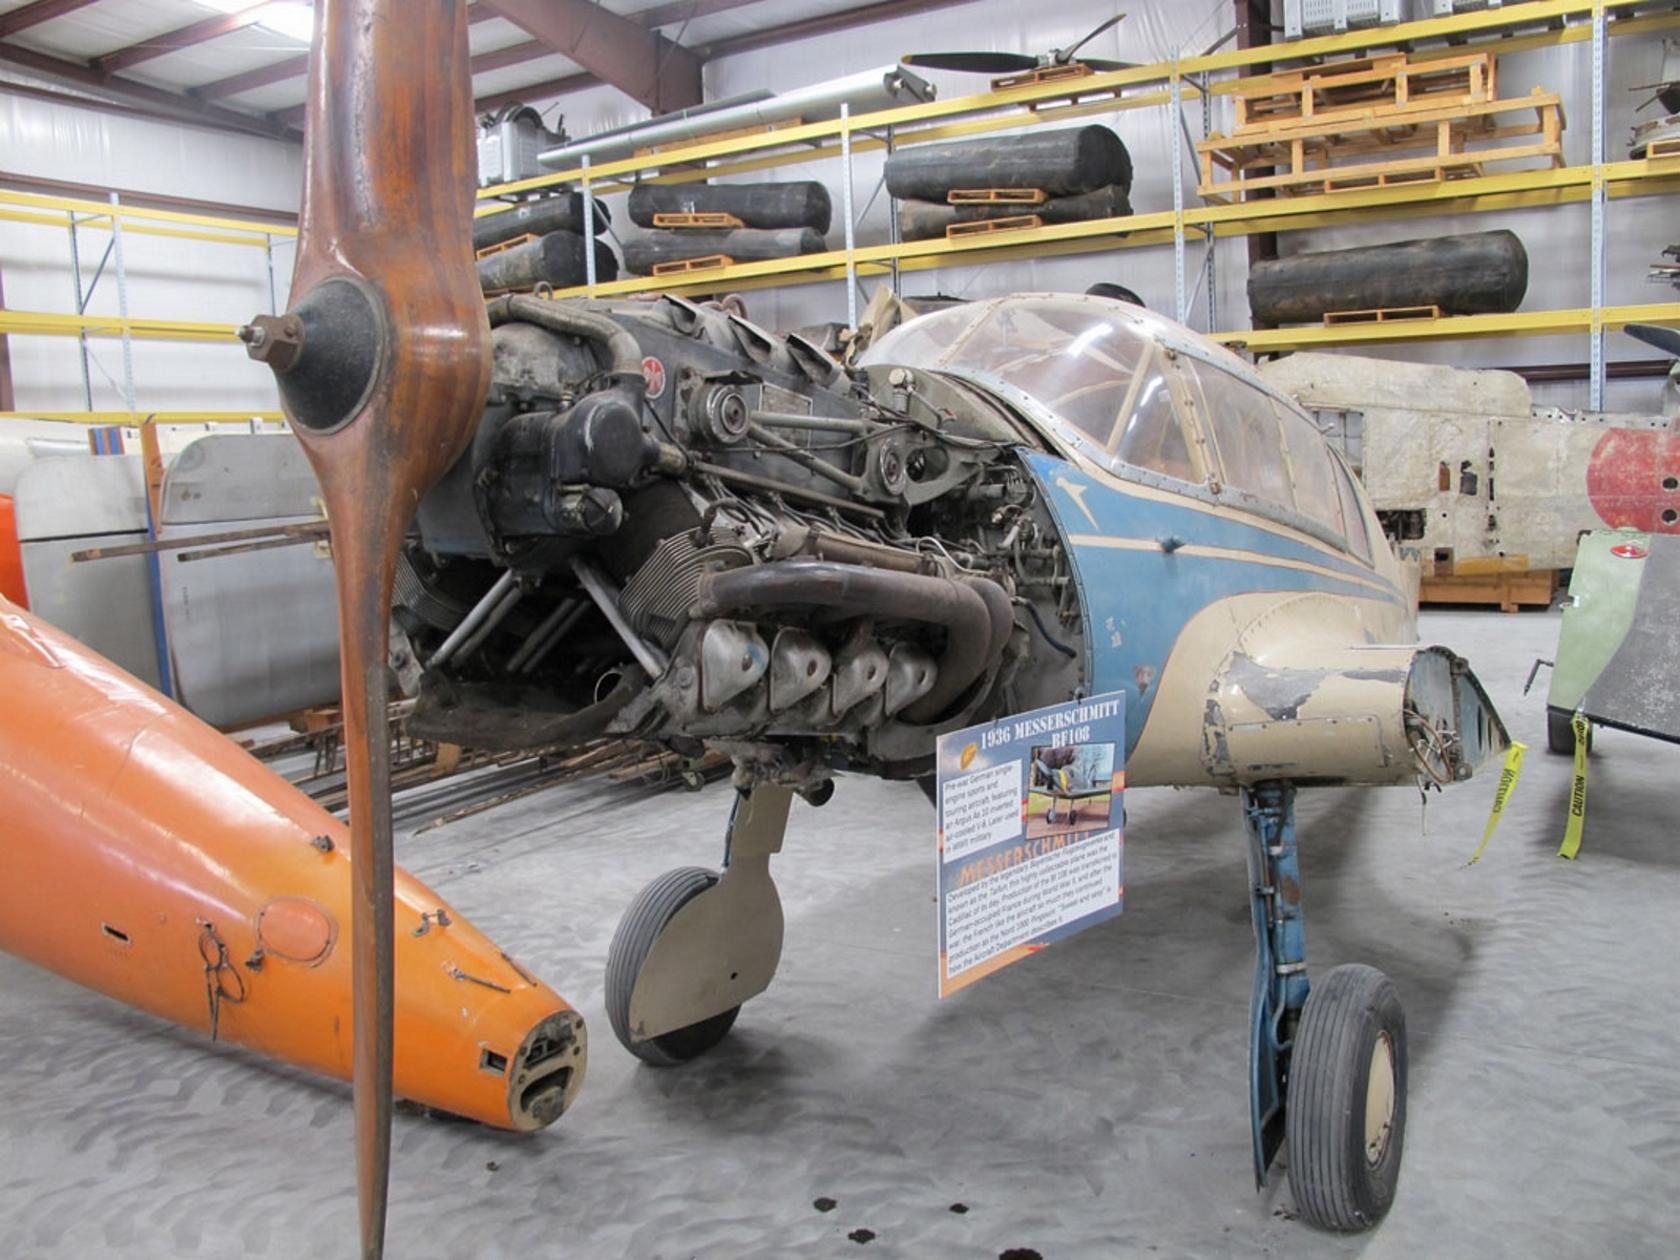 Messerschmitt Me-108 Taifun